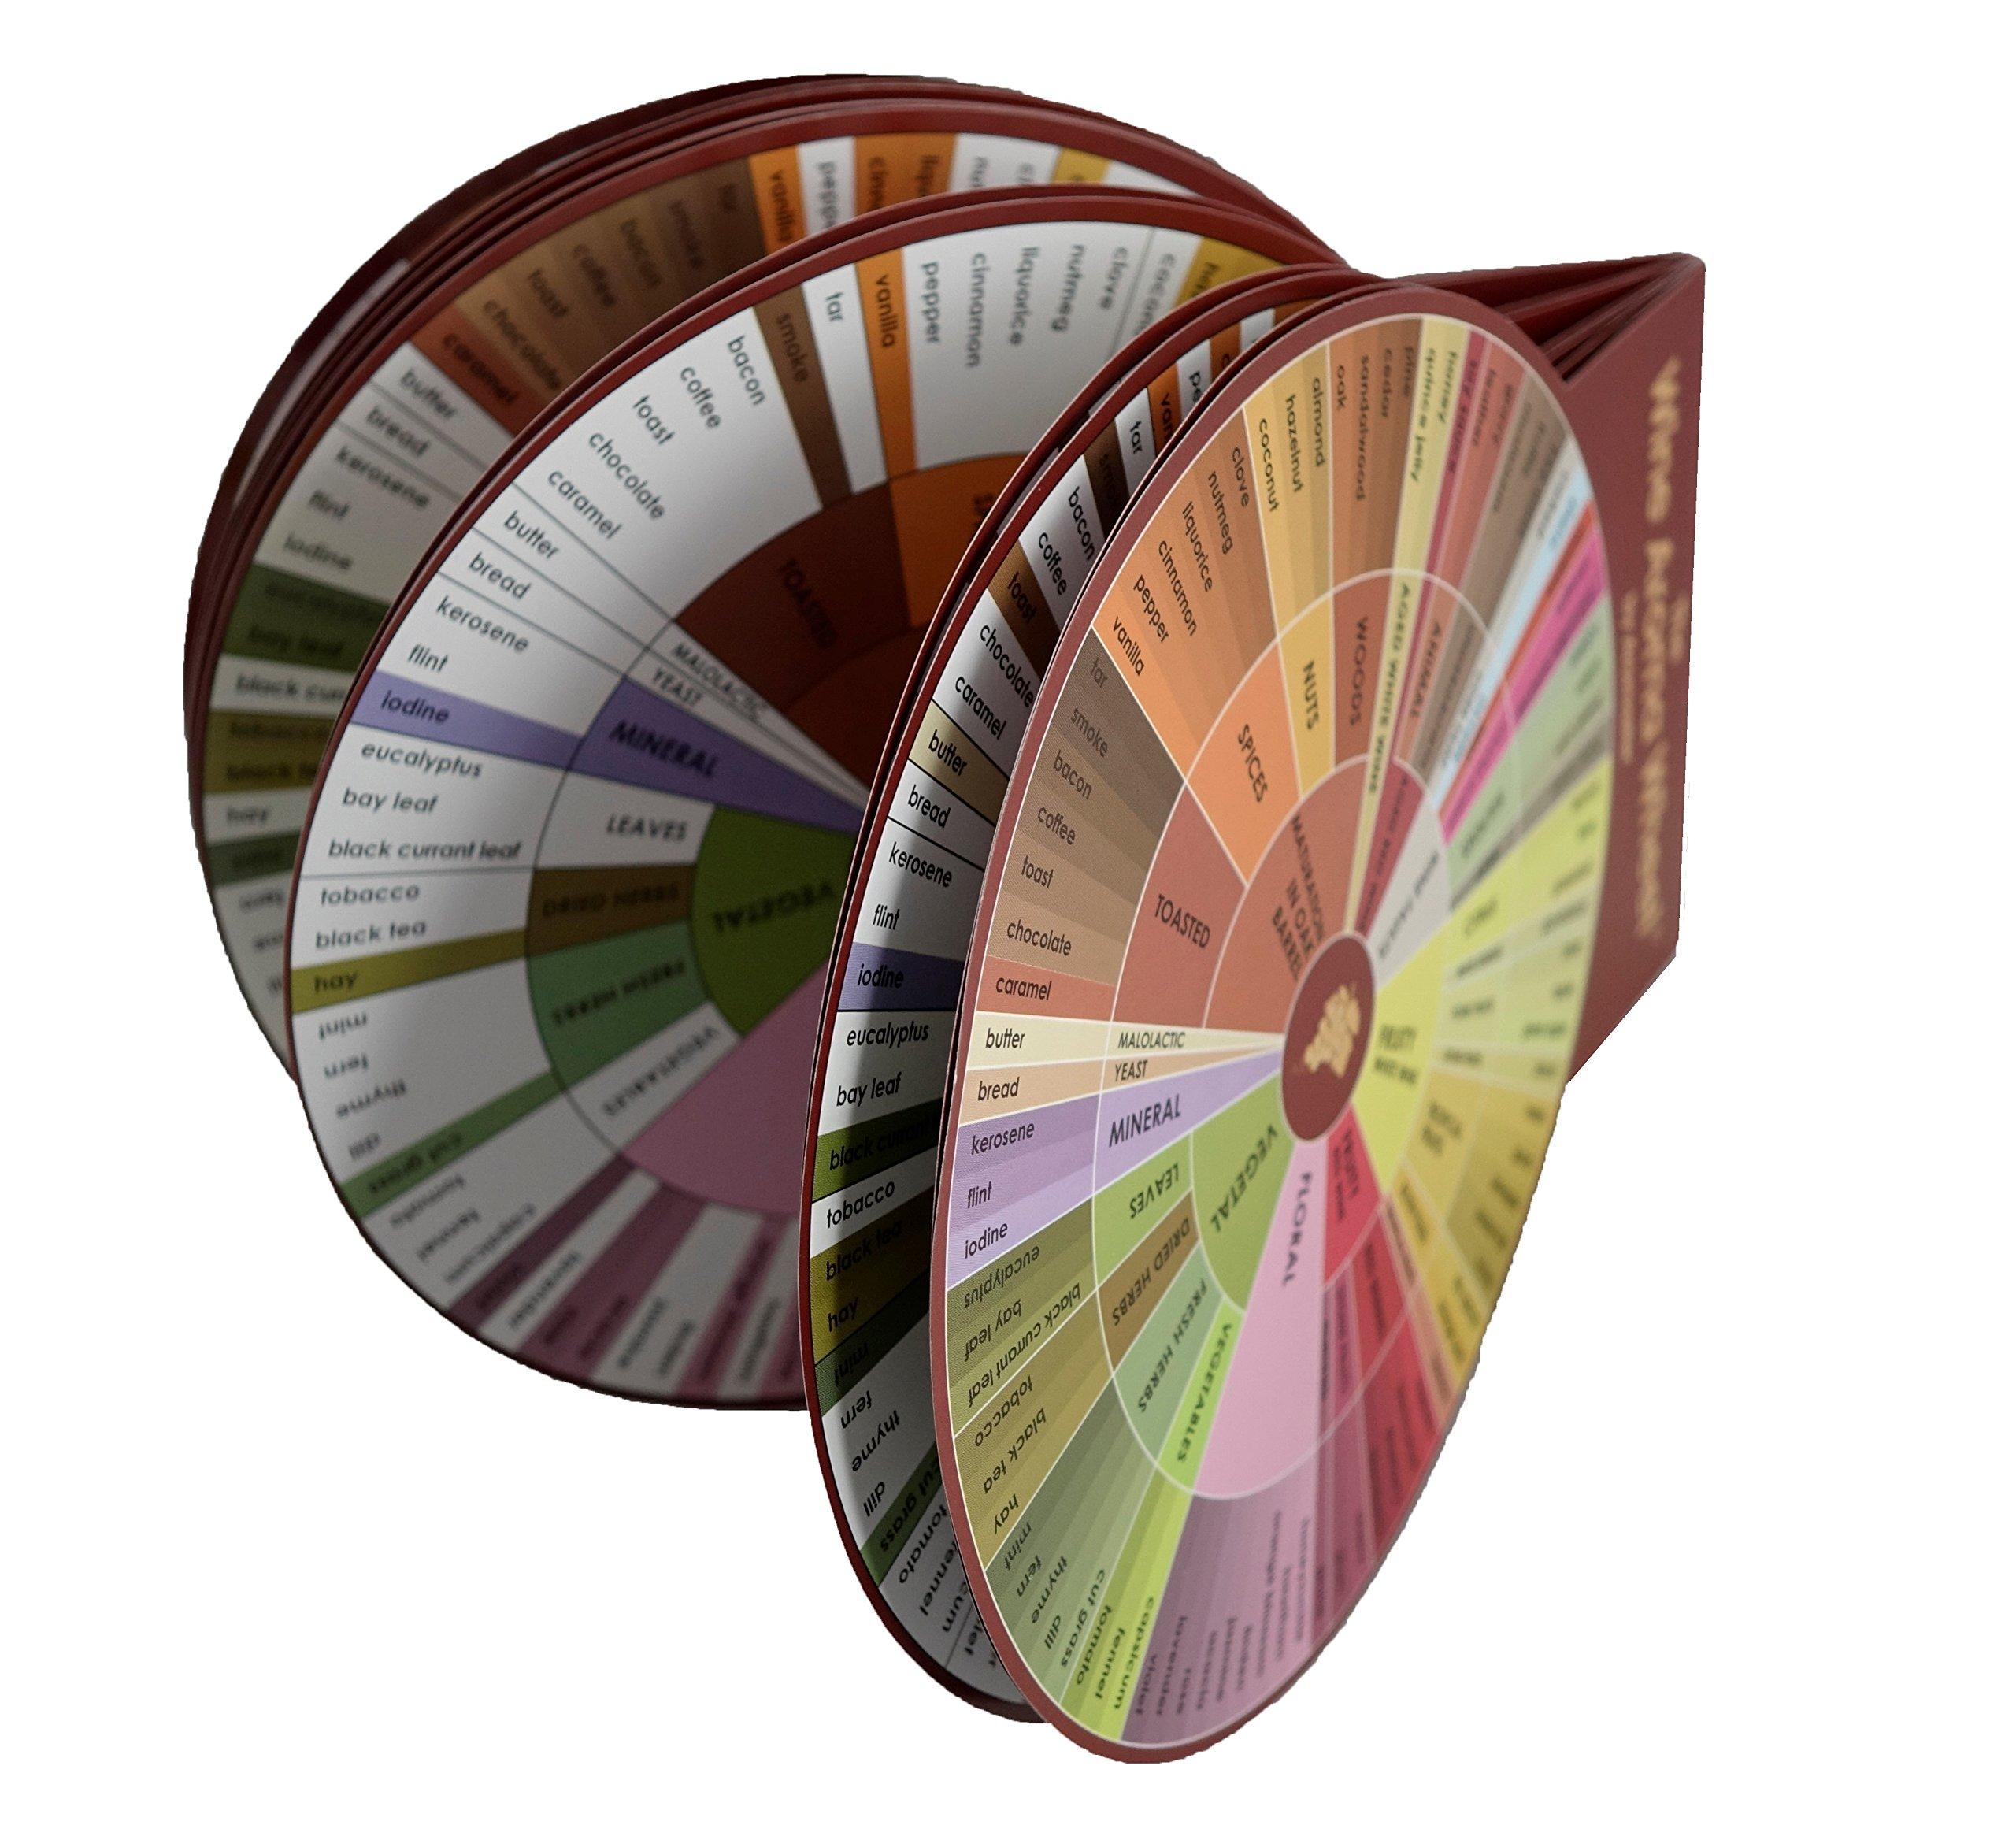 Red Wine Aroma Kit - 24 Aromas (incl. Wine Aroma Wheel) by Aromaster (Image #4)